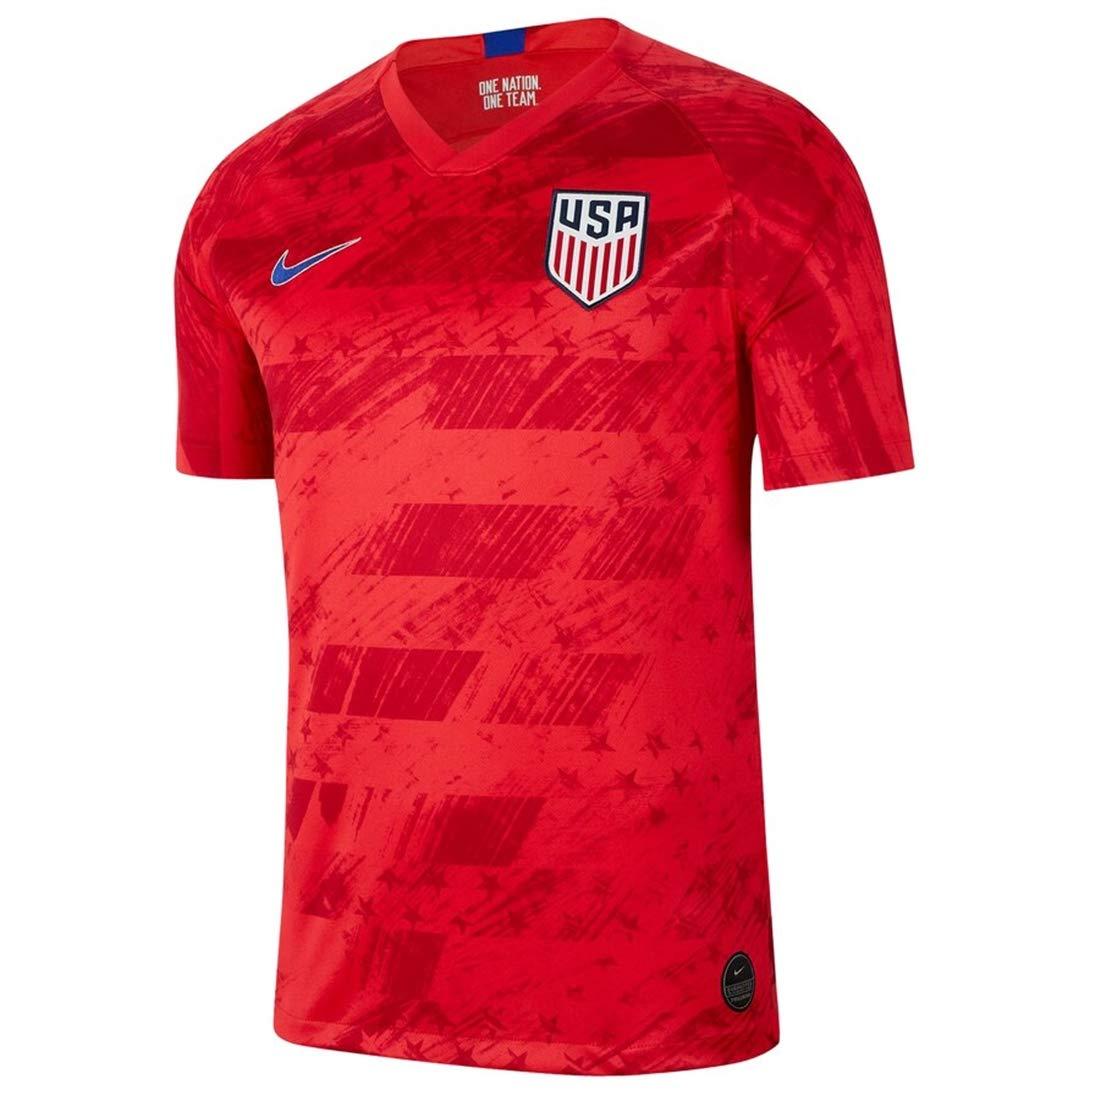 Nike USA 2019 Youth Away Jersey